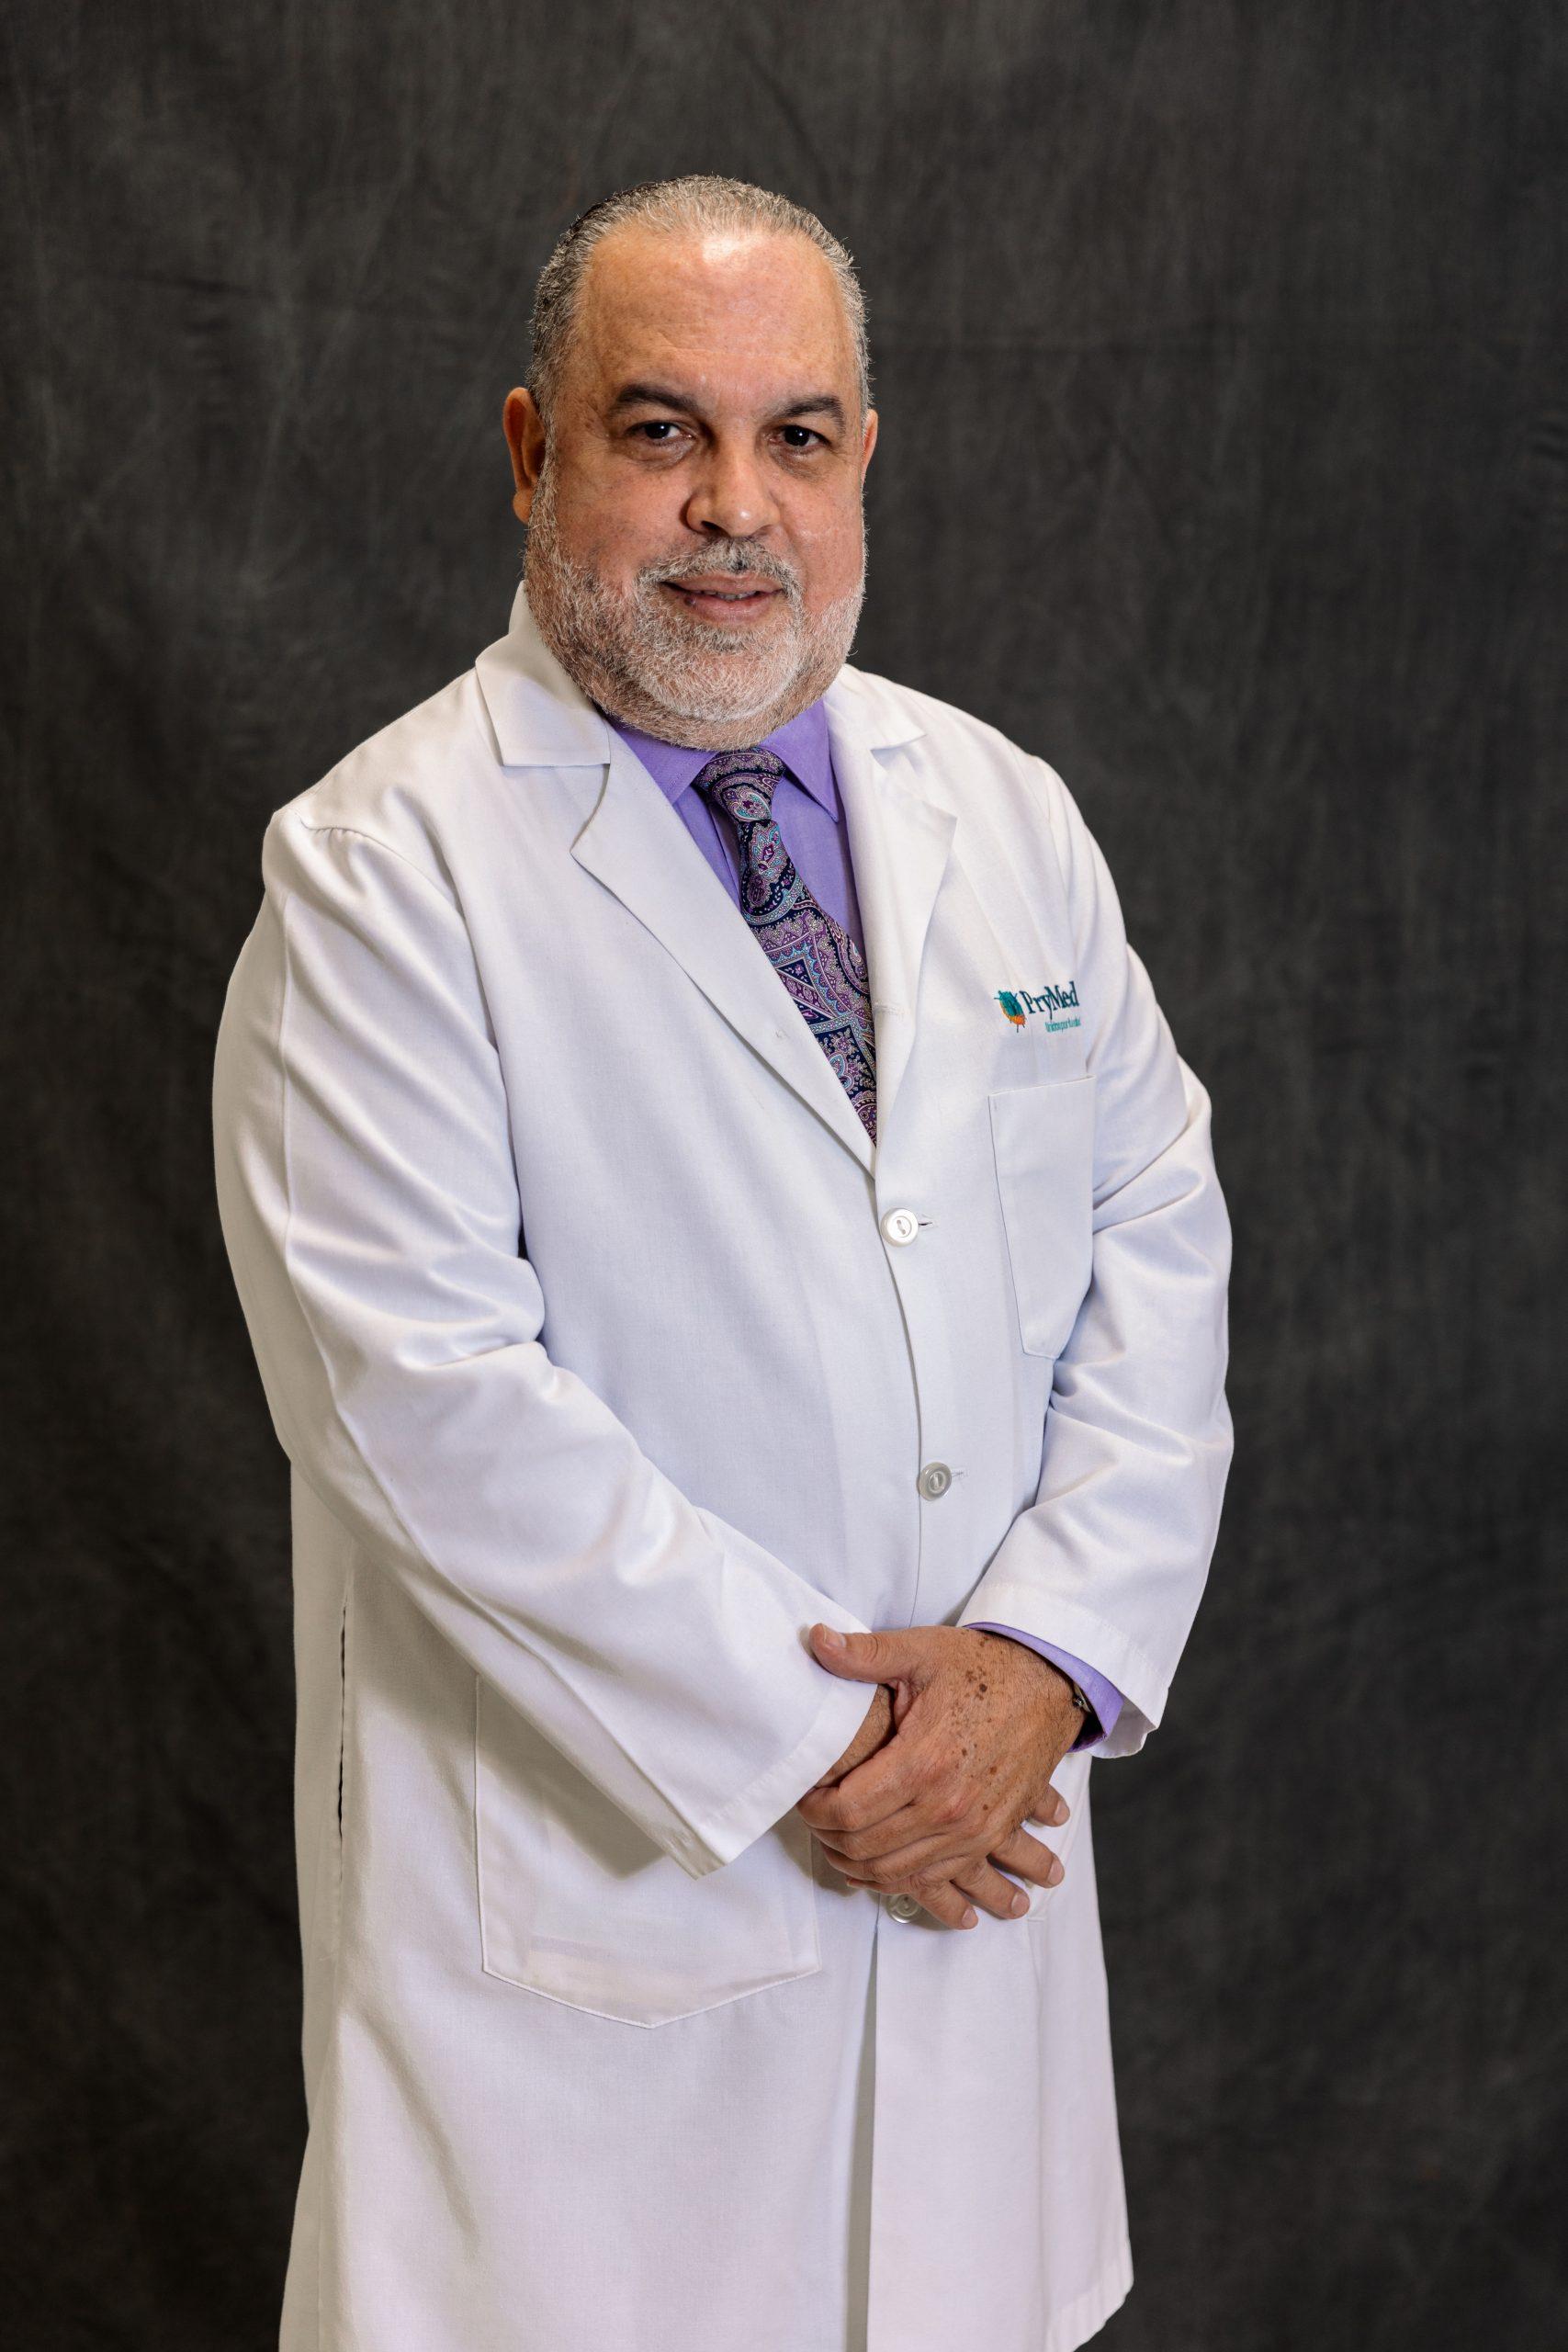 Dr. Eric Alicea